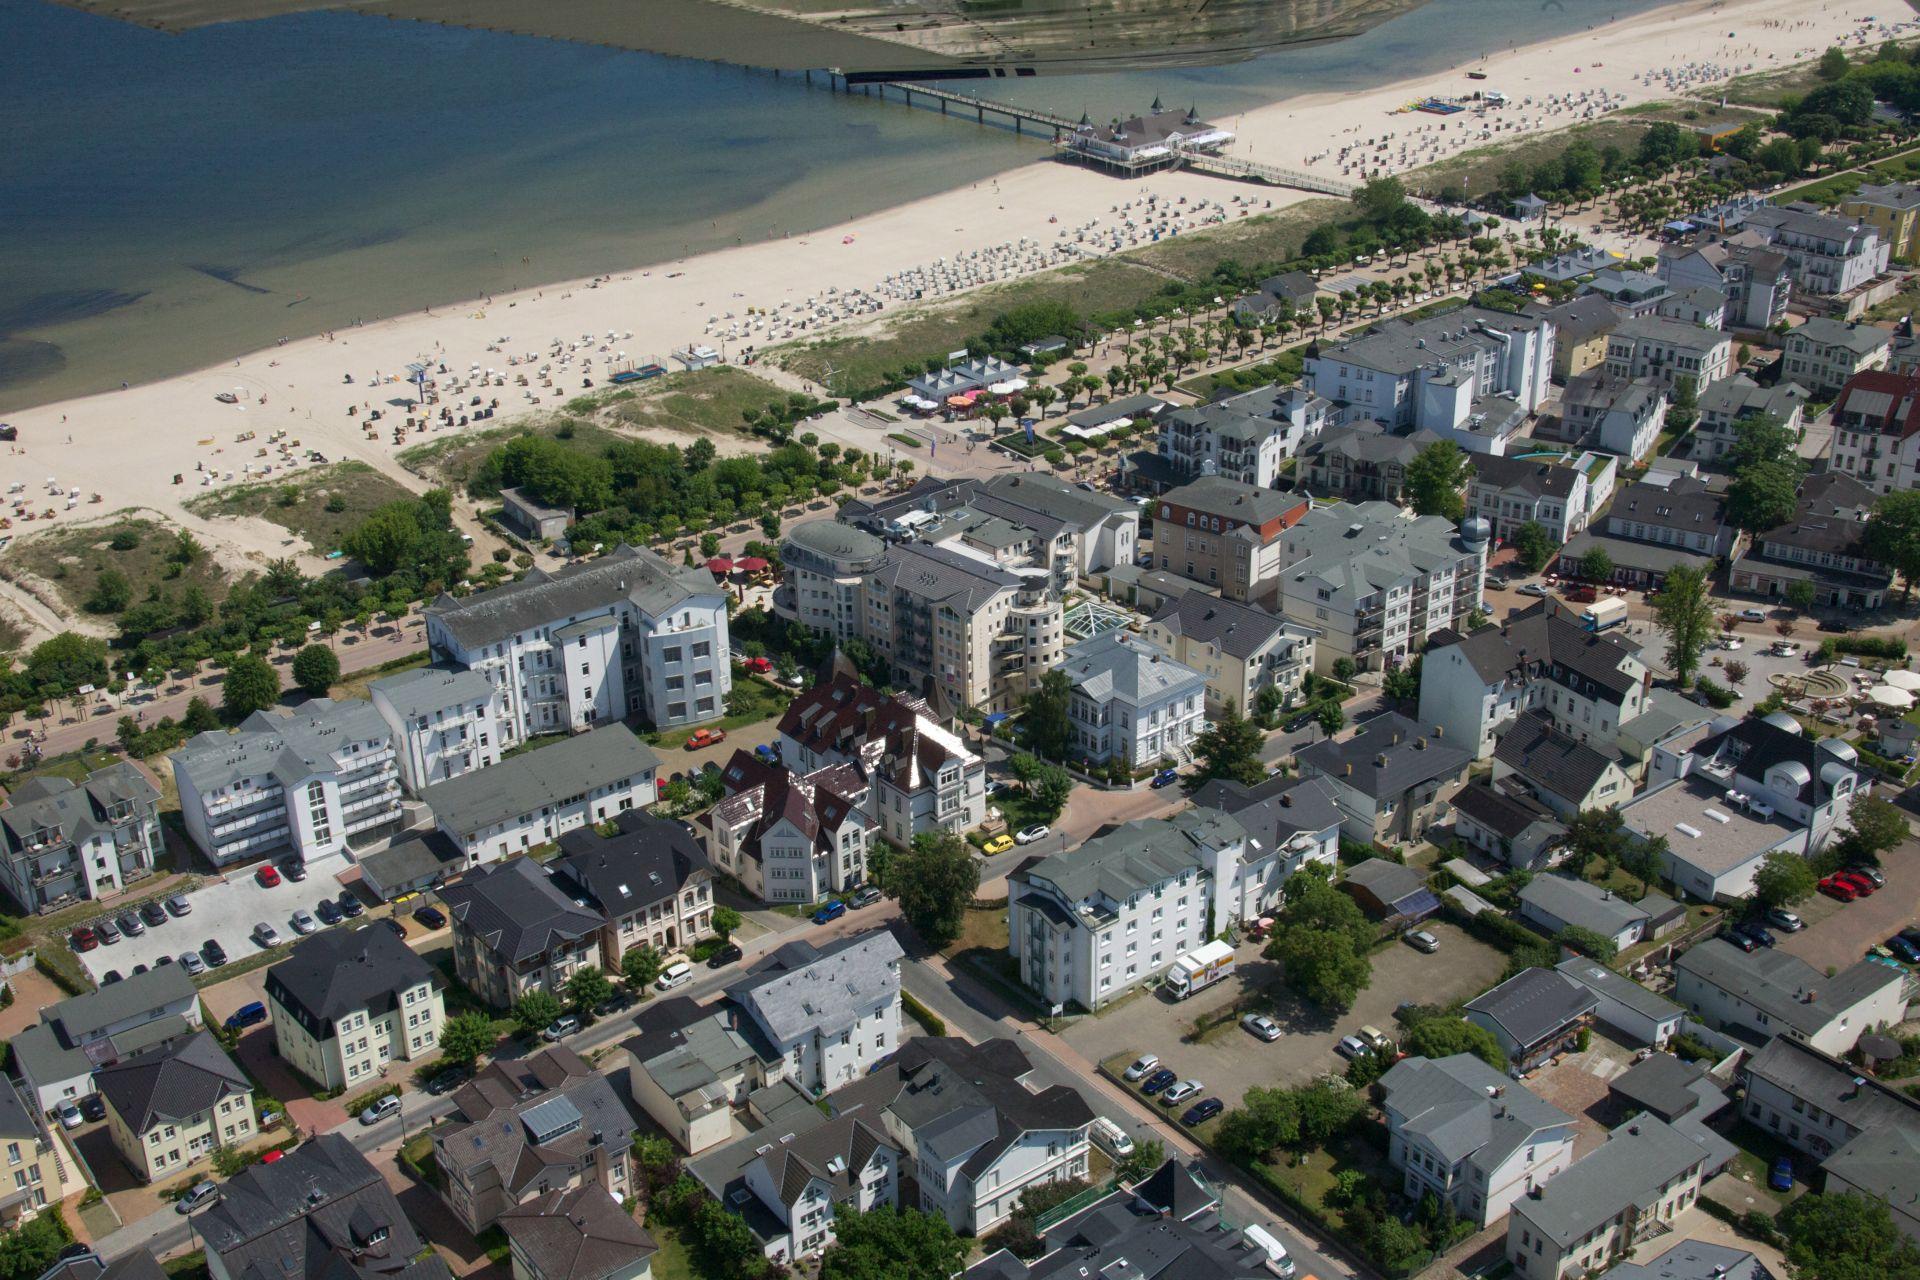 Luftaufnahme vom Seebad Ahlbeck.